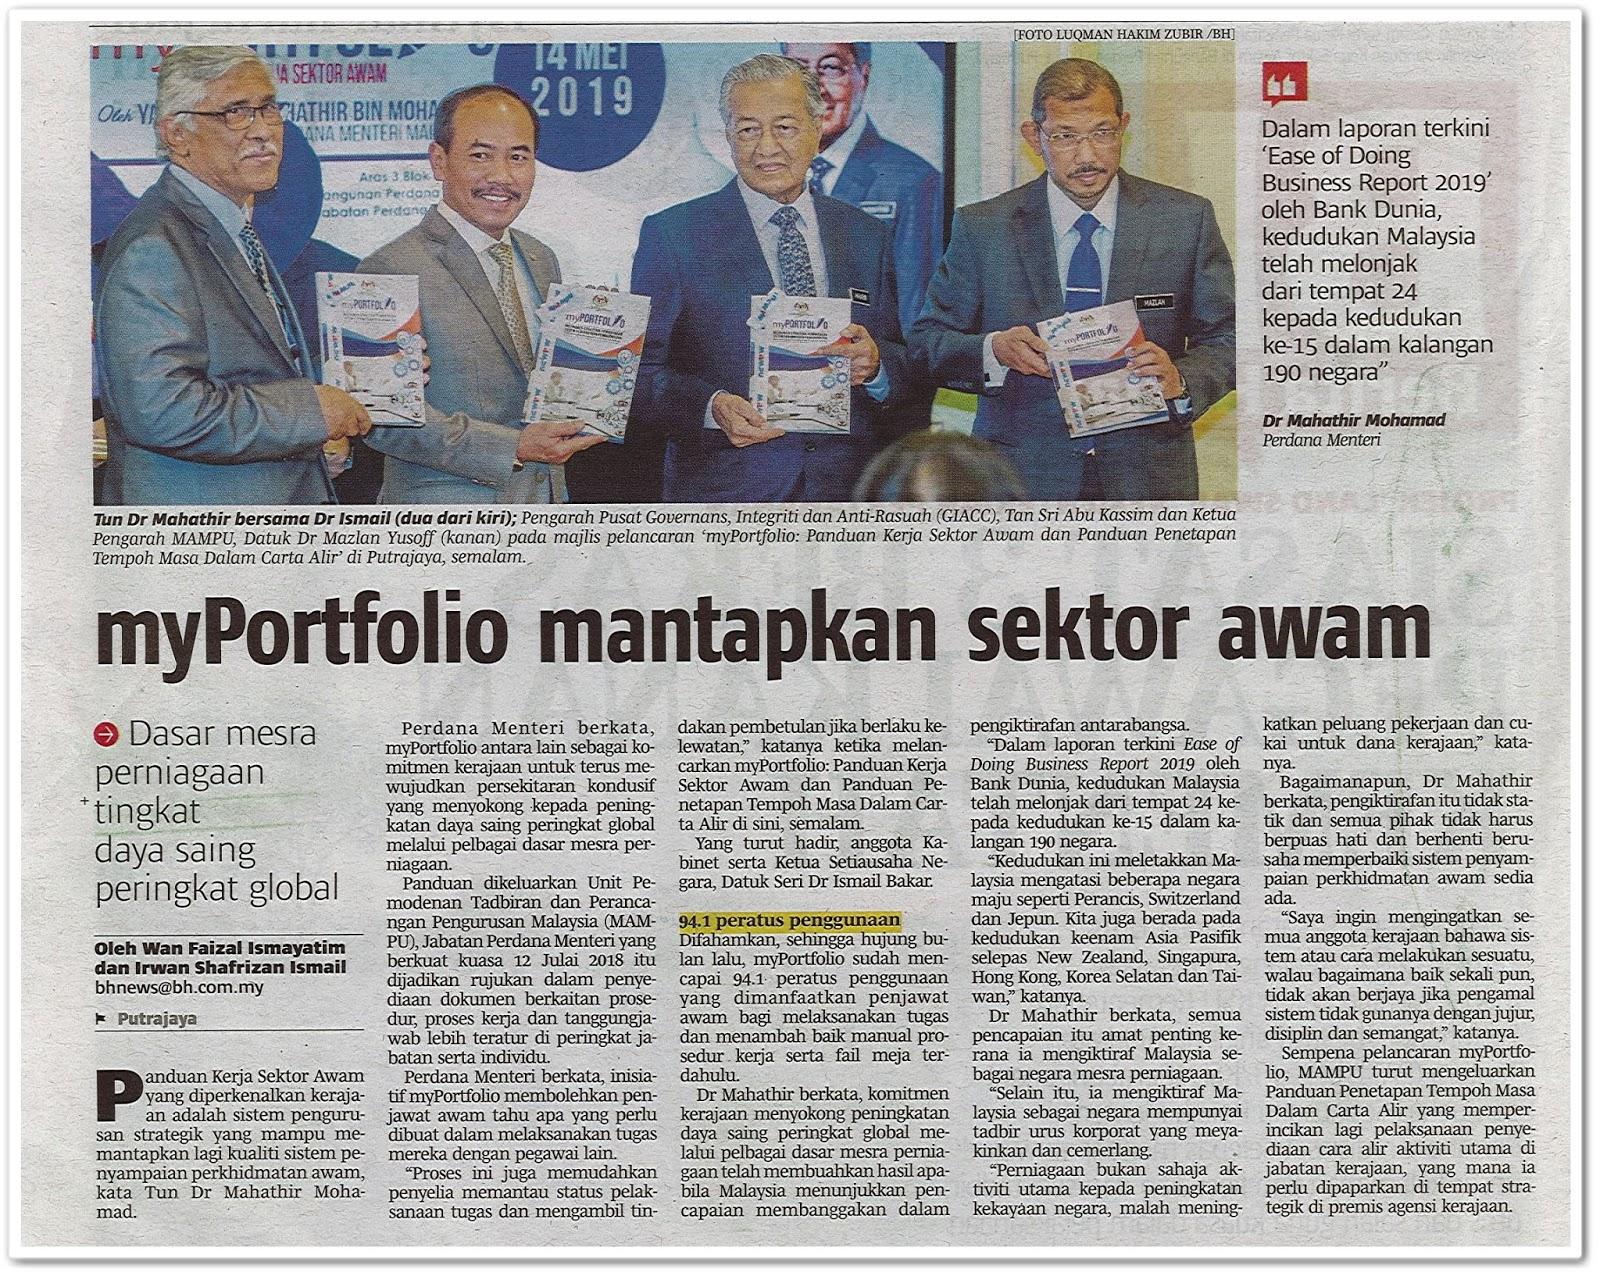 MyPortfolio mantapkan sektor awam - Keratan akhbar Berita Harian 15 Mei 2019